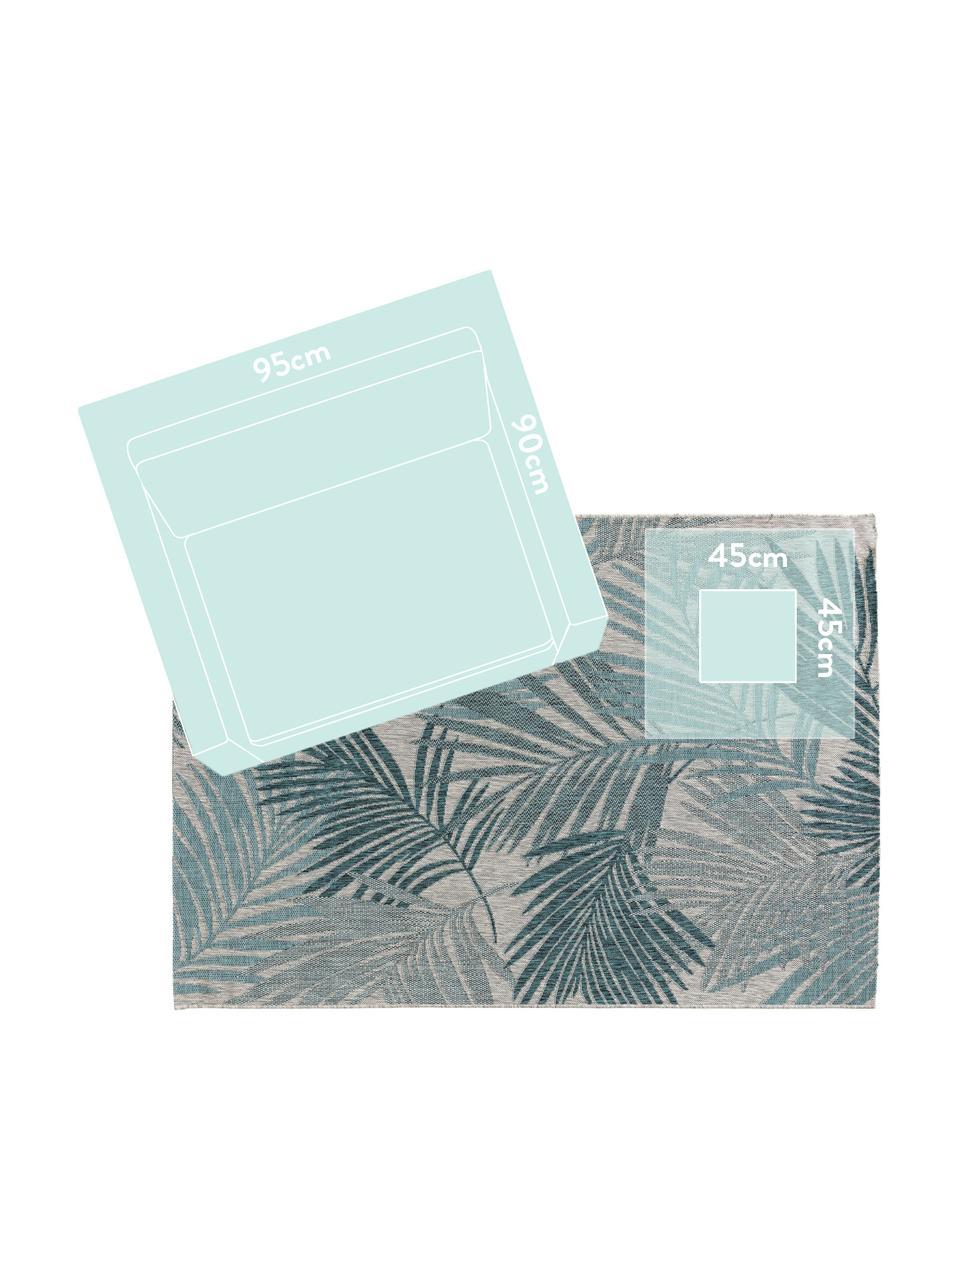 In- & Outdoor-Teppich Cleo mit Palmenblattmotiv, 90% Polypropylen, 10% Polyester, Blau, B 80 x L 150 cm (Größe XS)